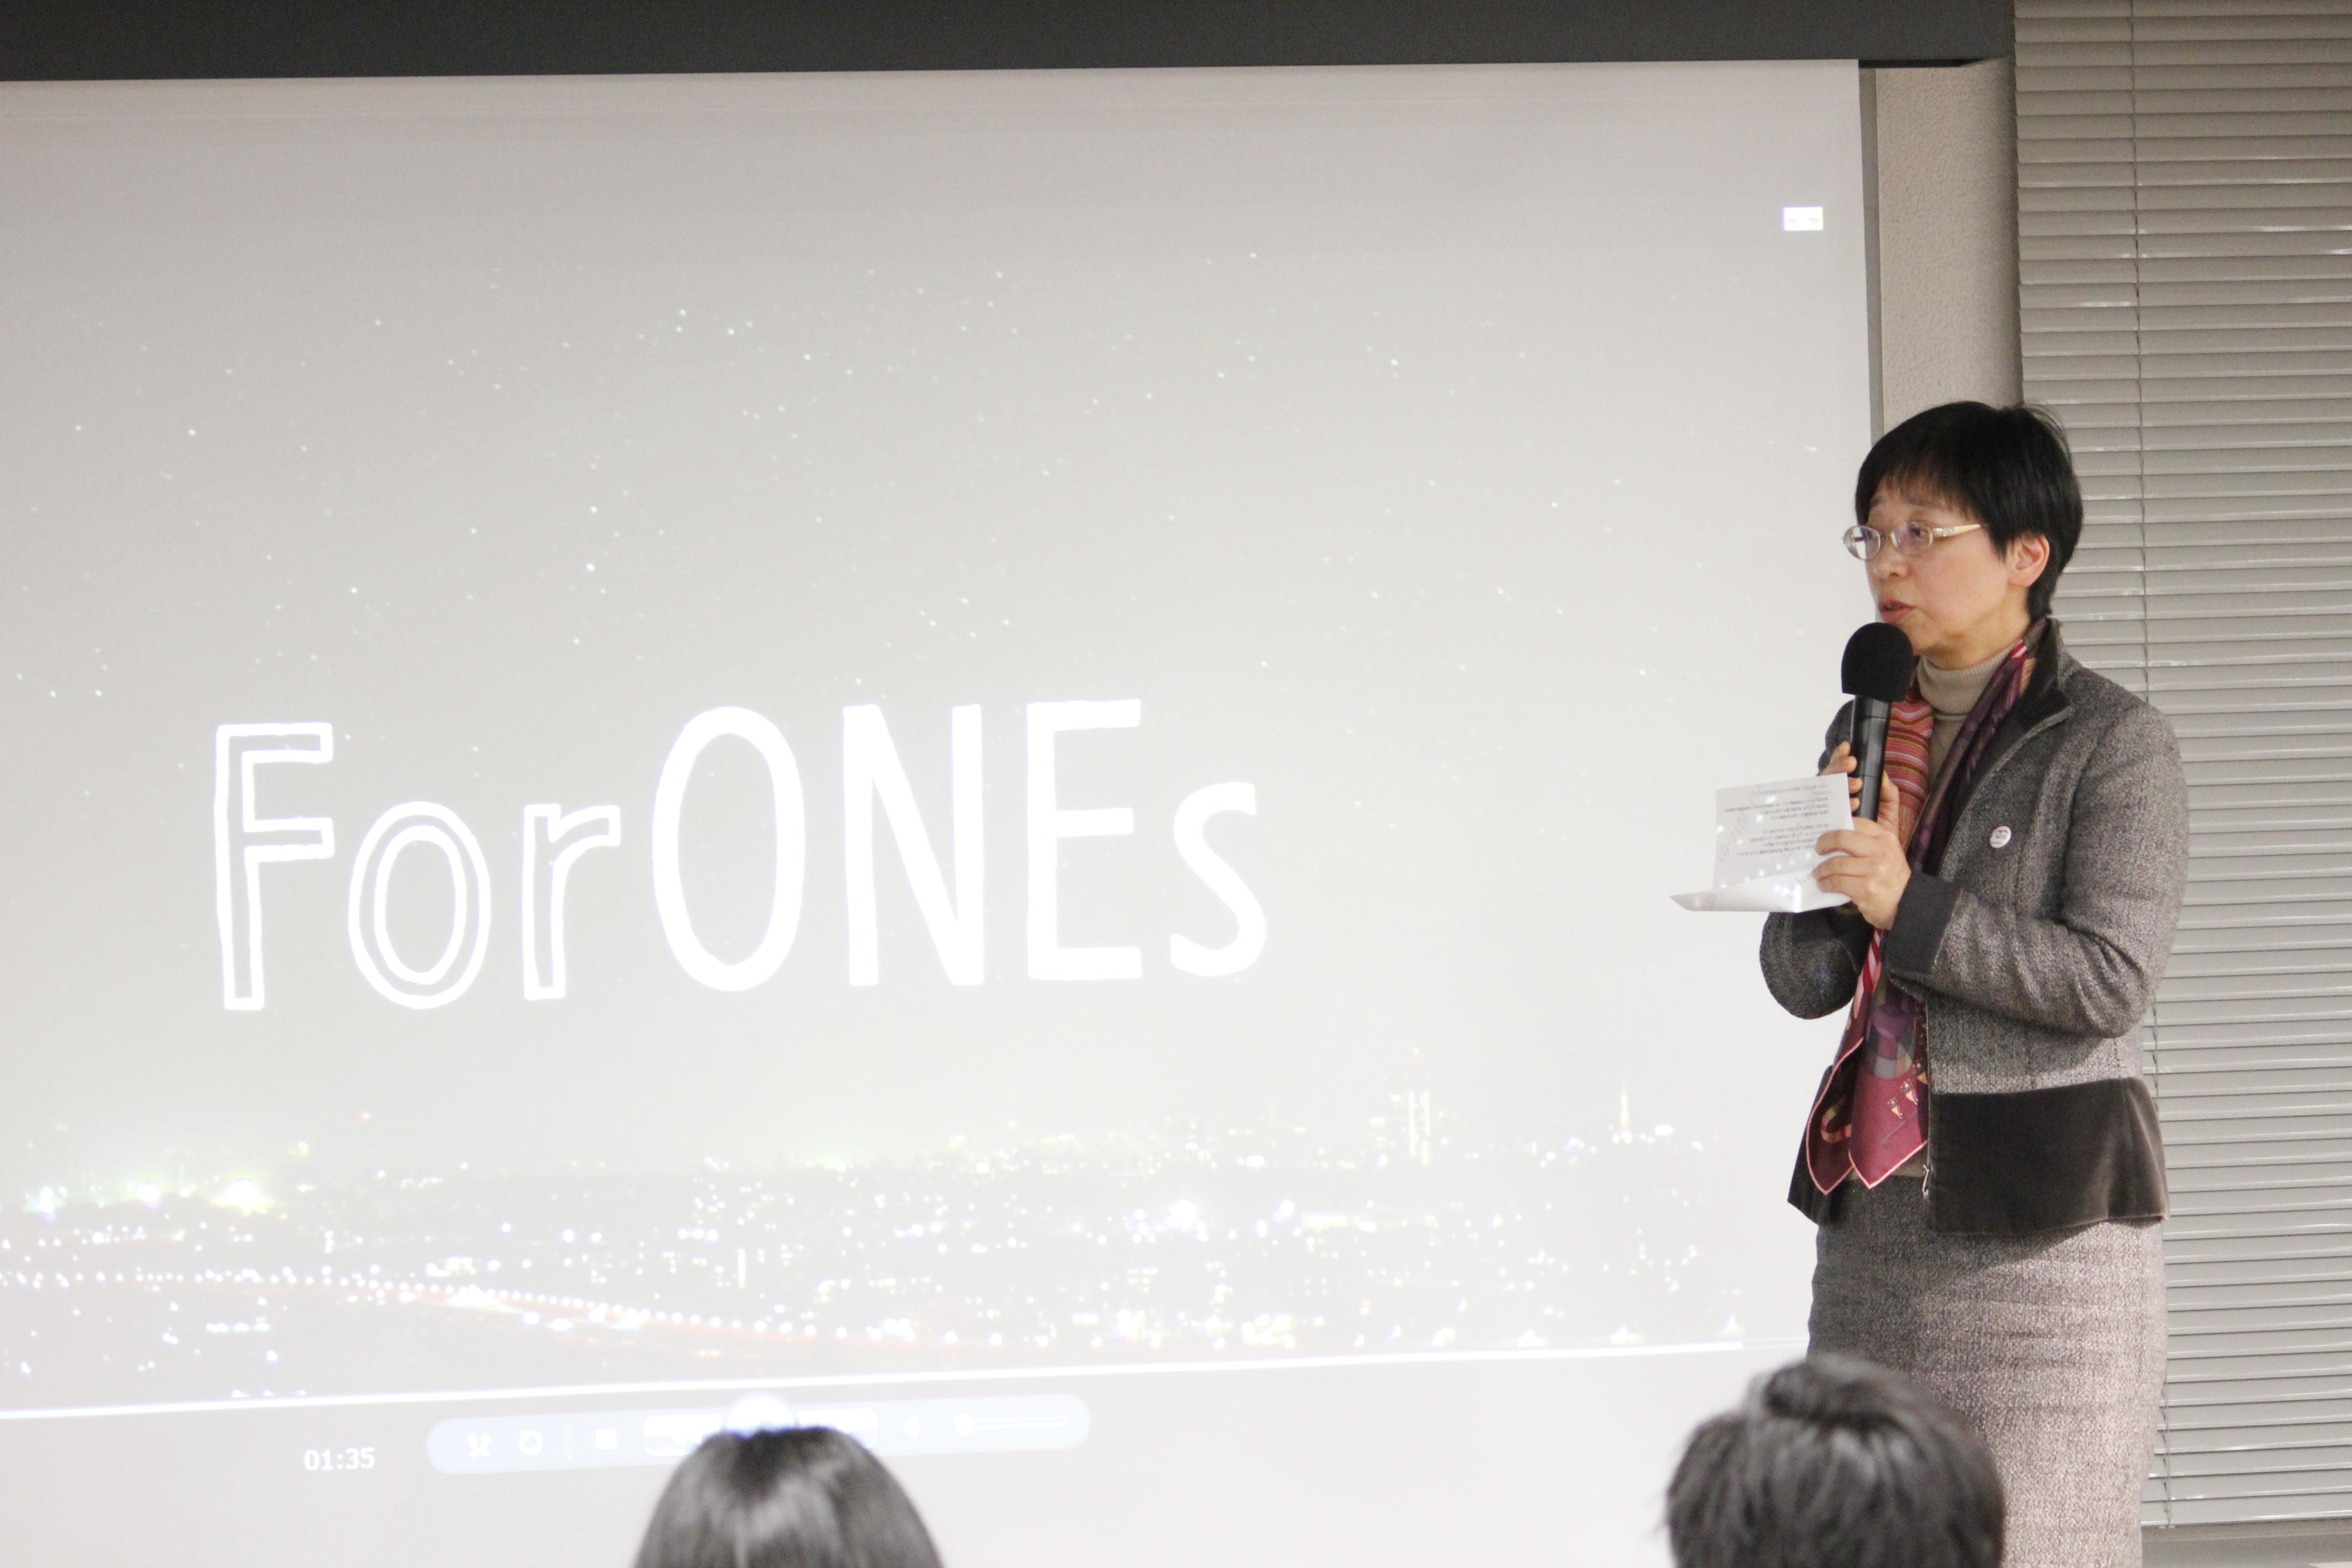 【写真】かわさきさんが、スライドの前で参加者に向かって話している